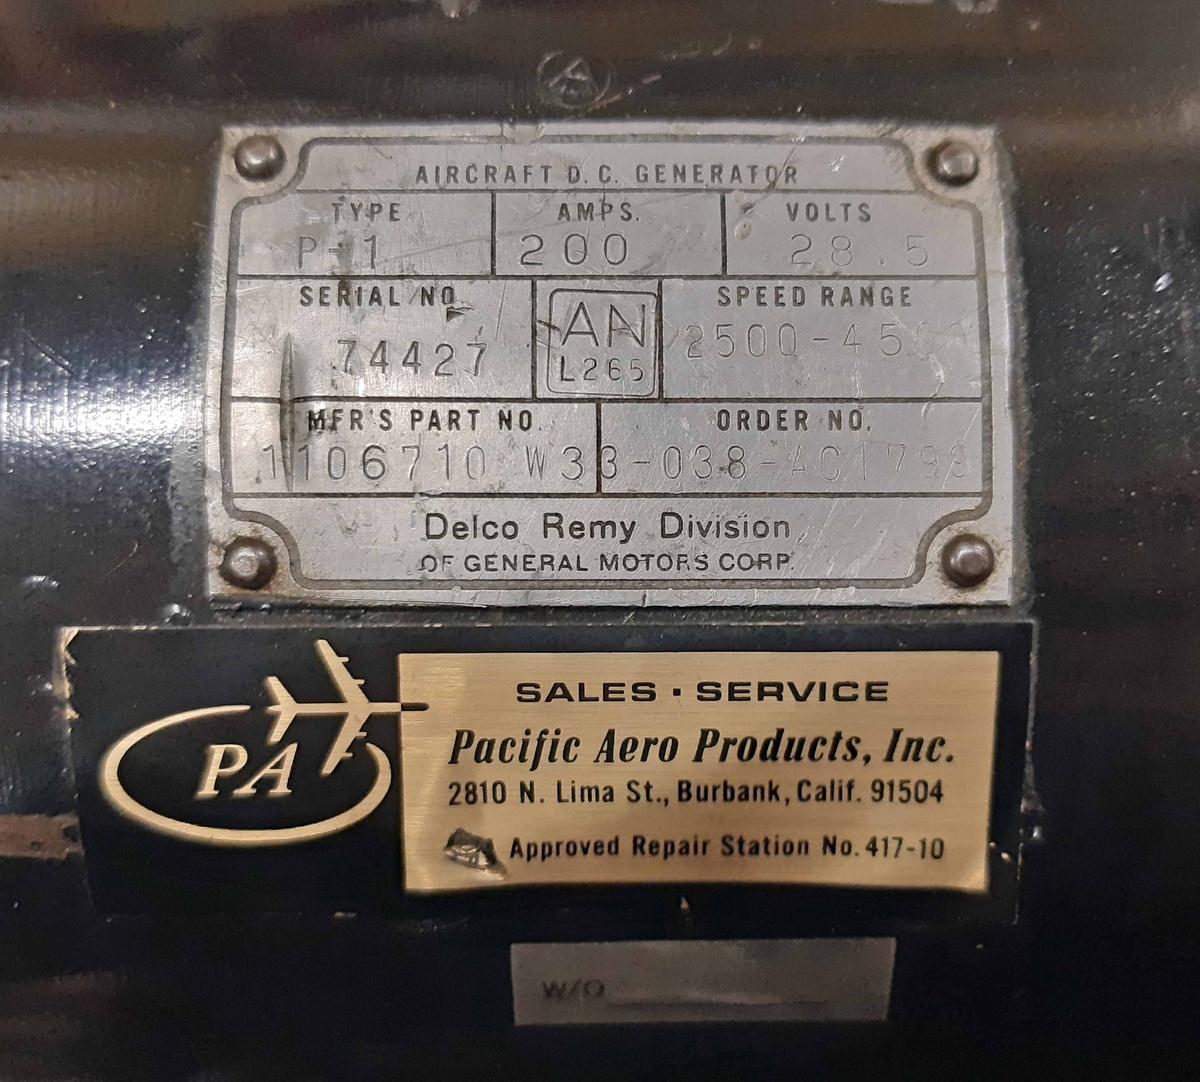 DC Generator, P-1, i svart lackad metall. 28,5 volt. Individ-nummer: 74427. Tillverkare: Delco Remy Division.